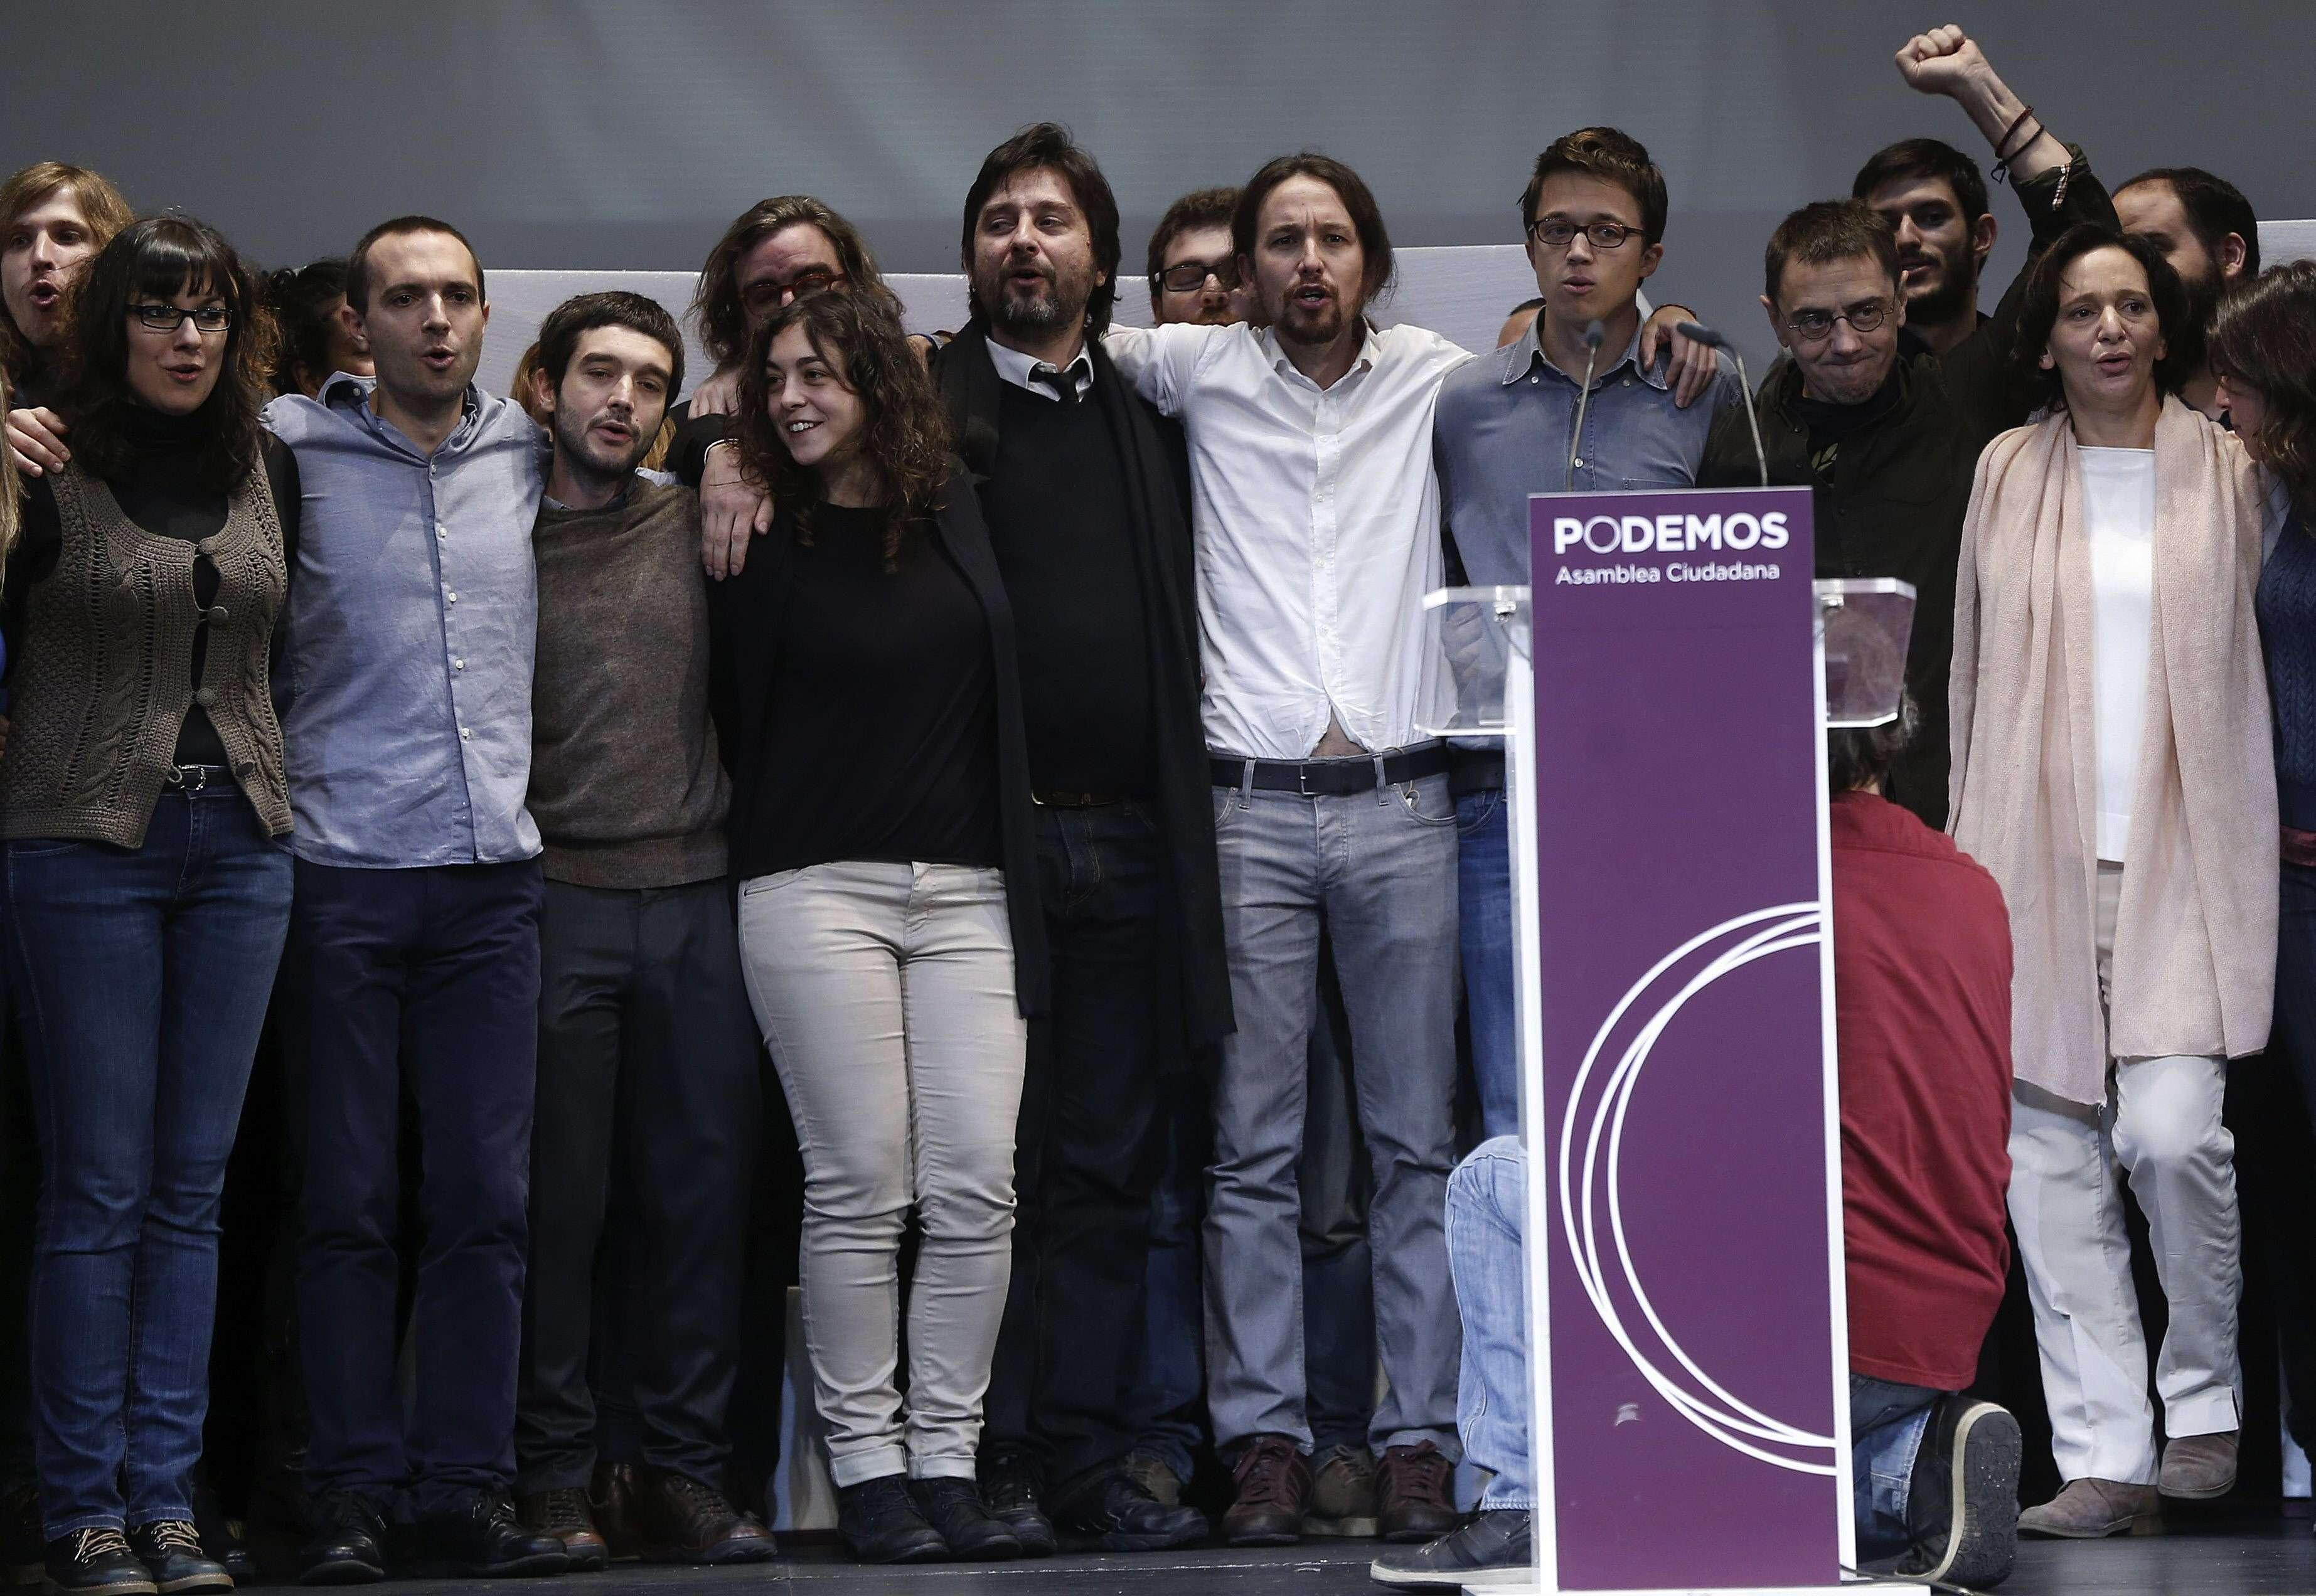 El líder de Podemos, Pablo Iglesias (4ºd), junto a los miembros de su equipo, durante el acto de clausura de la Asamblea Ciudadana en el que han dado a conocer la nueva dirección, hoy en el Teatro Nuevo Apolo de Madrid. Foto: EFE en español